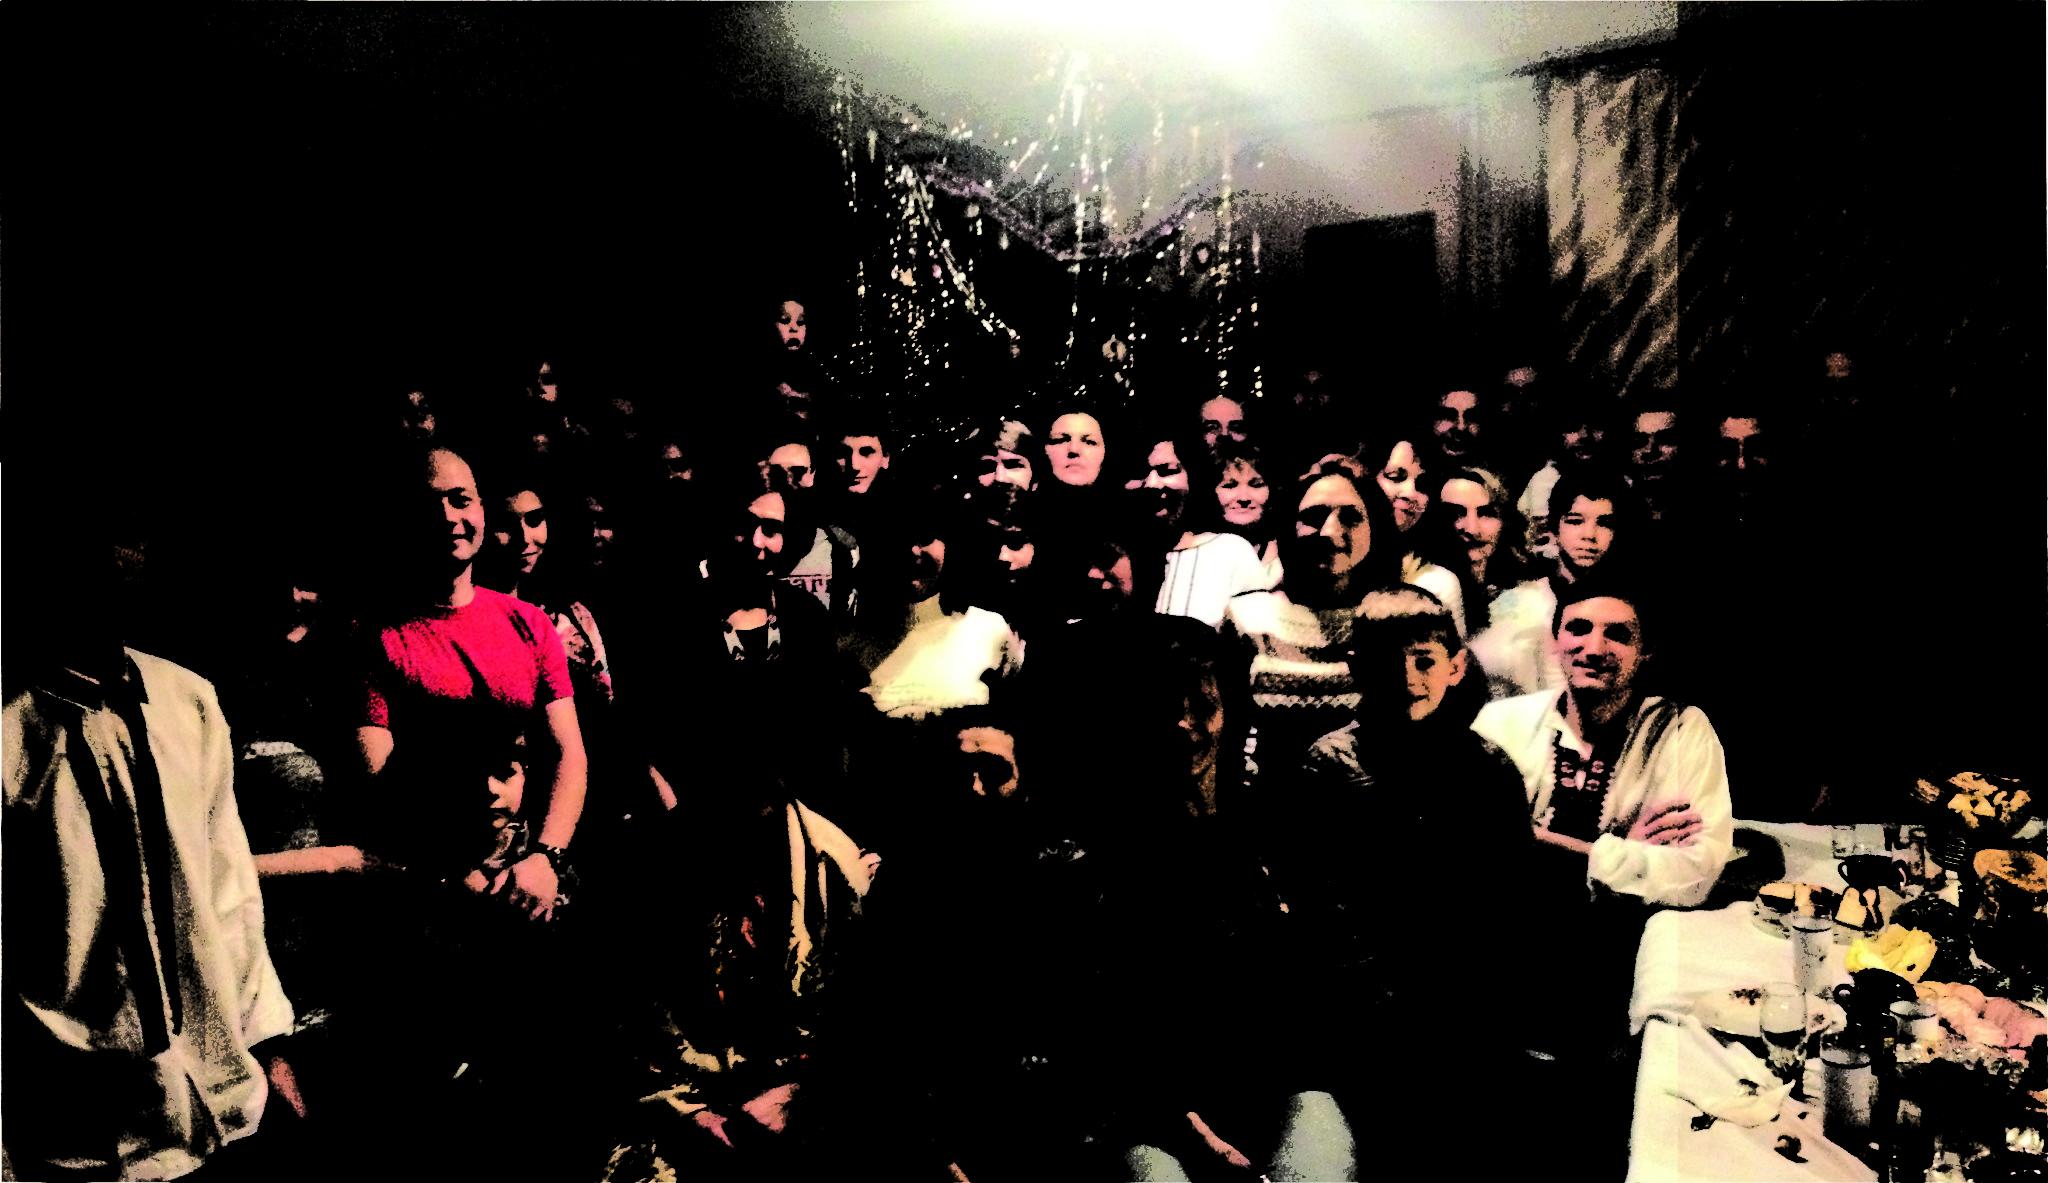 А скільки вас було на Різдво? Нас - 44 людини. І це тільки третина родини, яка зїхалася з цілої України. Автор фото - Петро МАШТАЛЕР (ІІ місце)